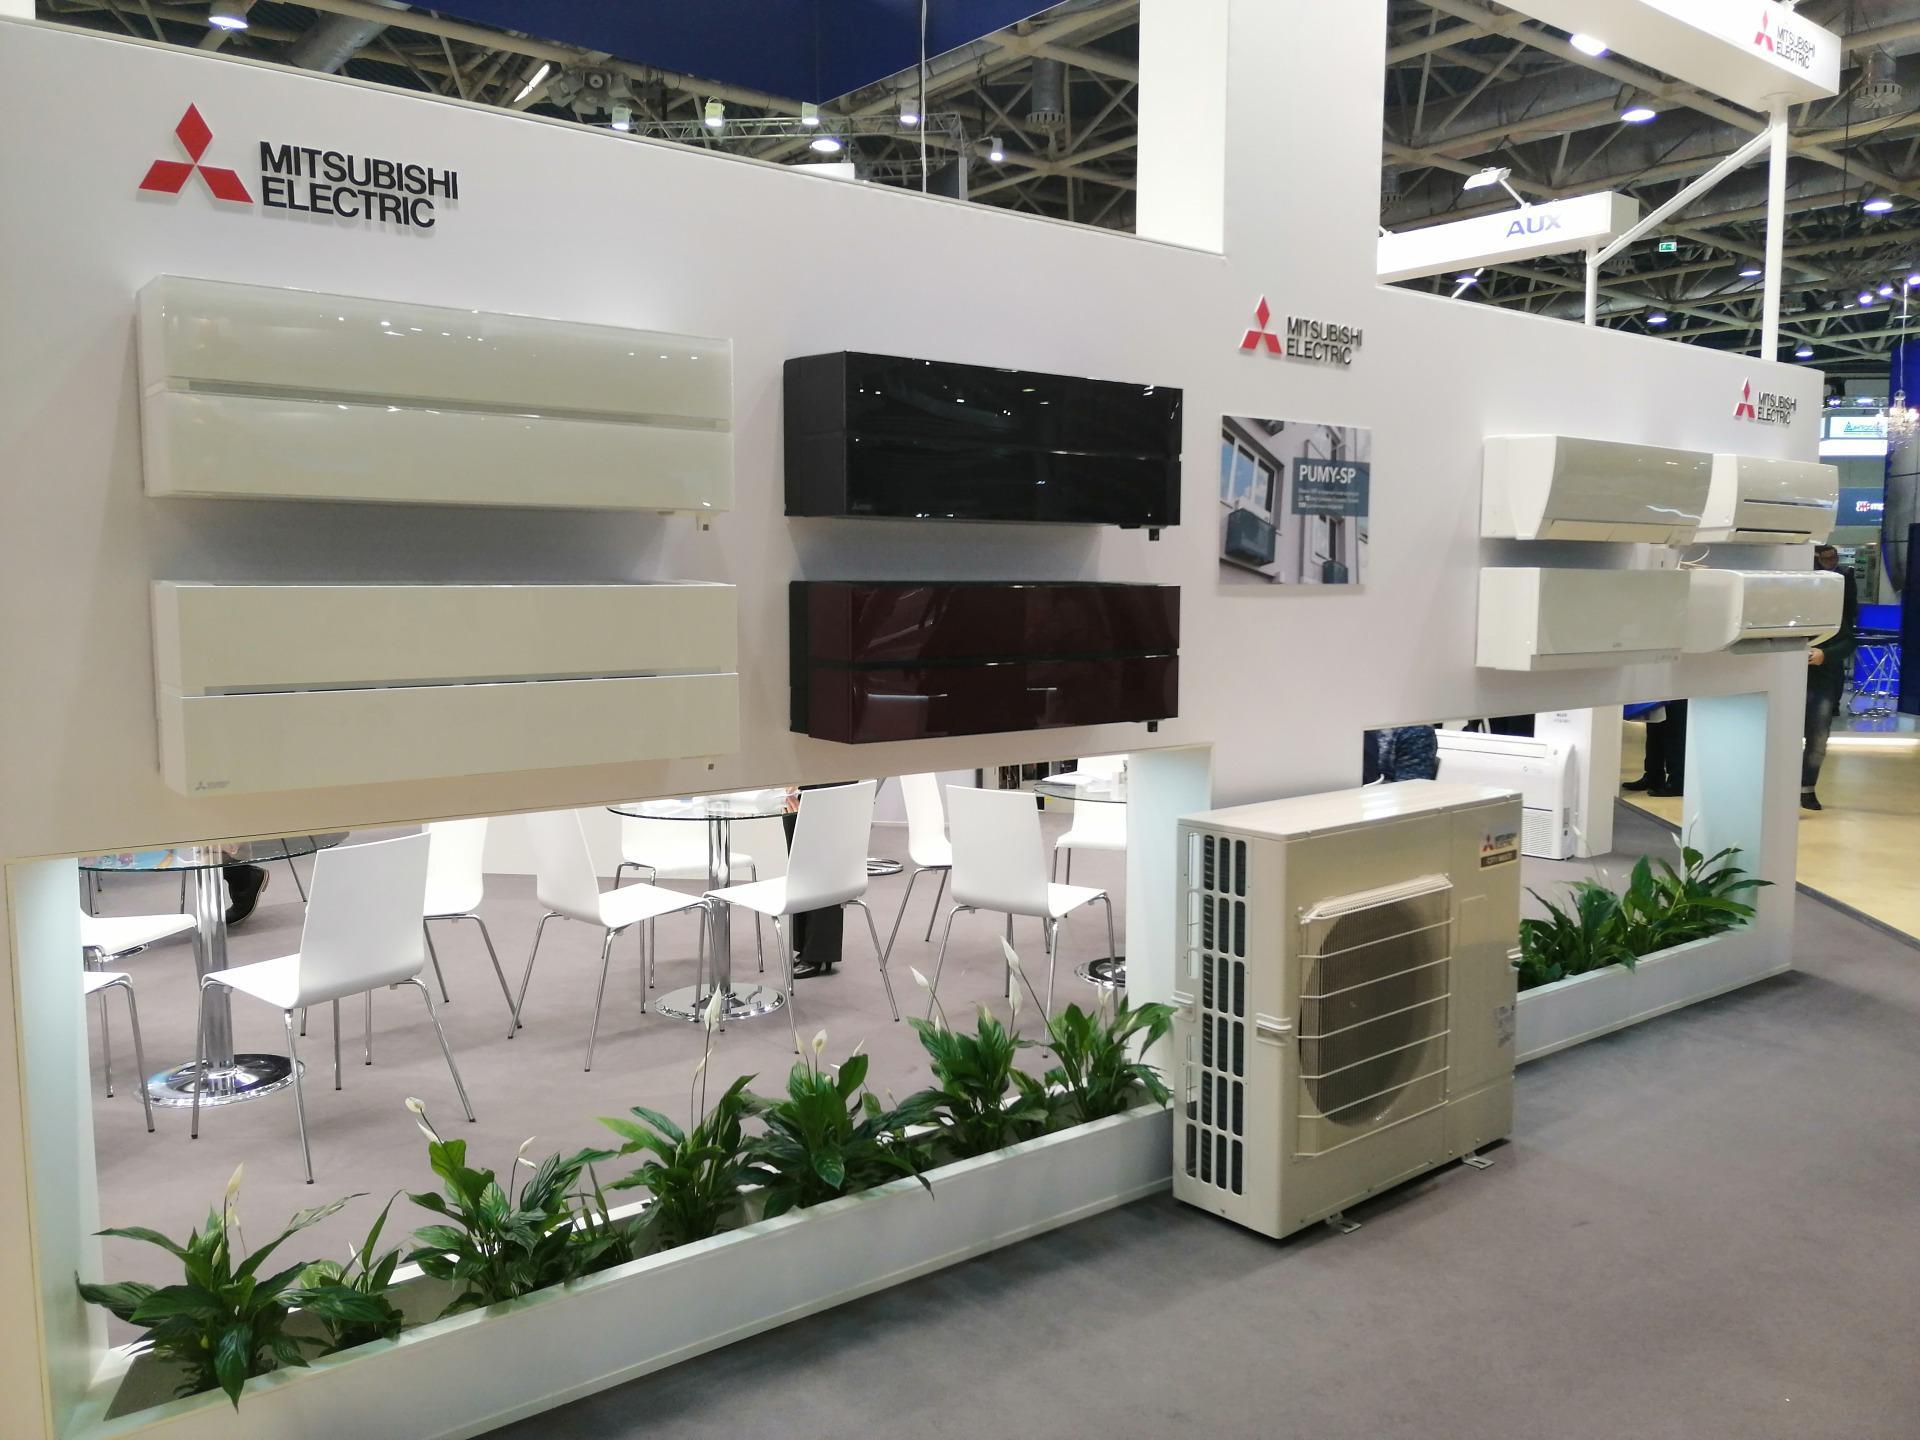 Современные кондиционеры Mitsubishi Electric: впечатляющие возможности климатической техники для дома